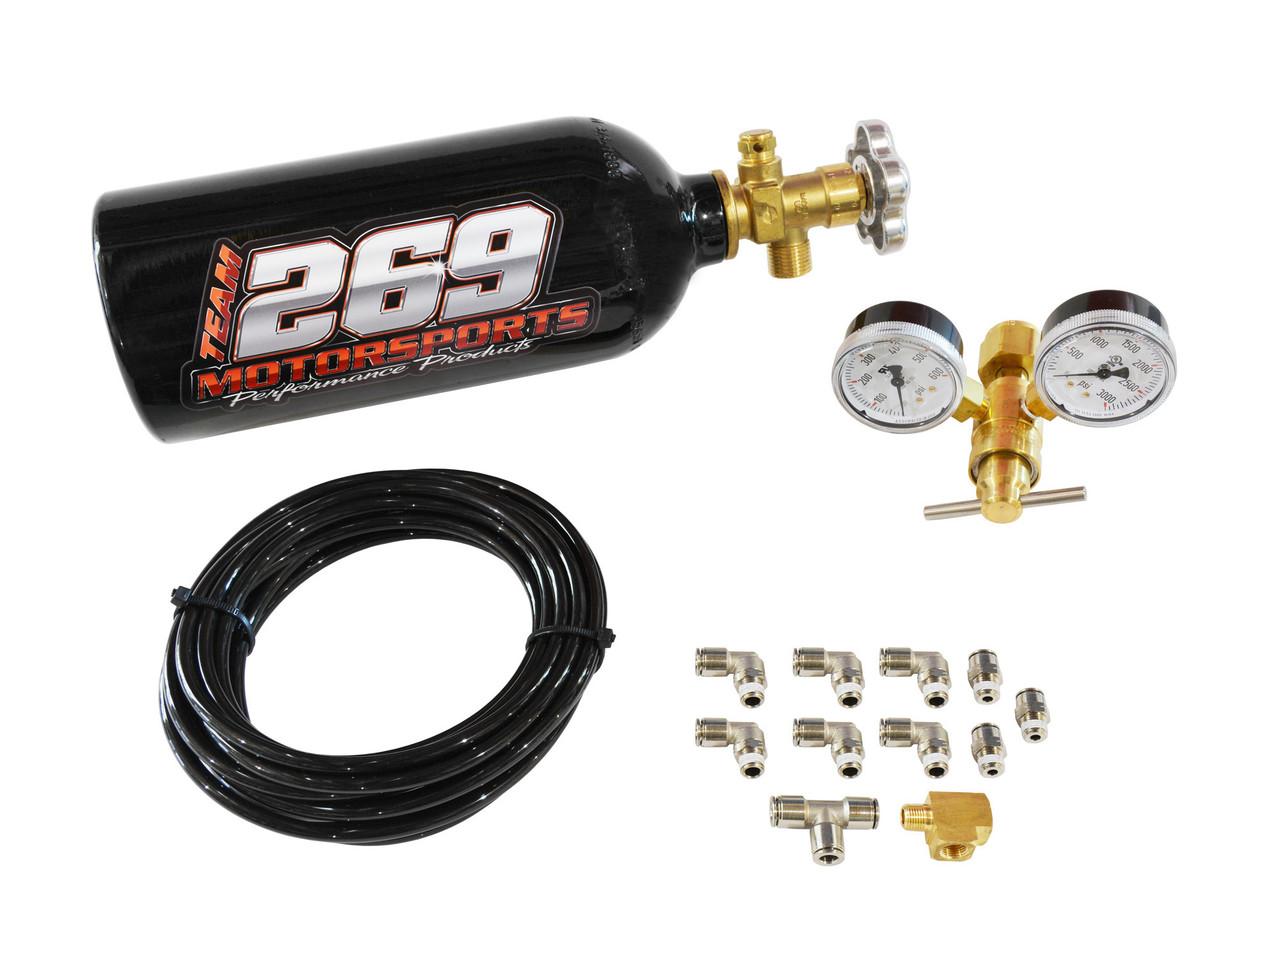 CO2 Single Wastegate Turbocharged Kit - Black Powder Coated